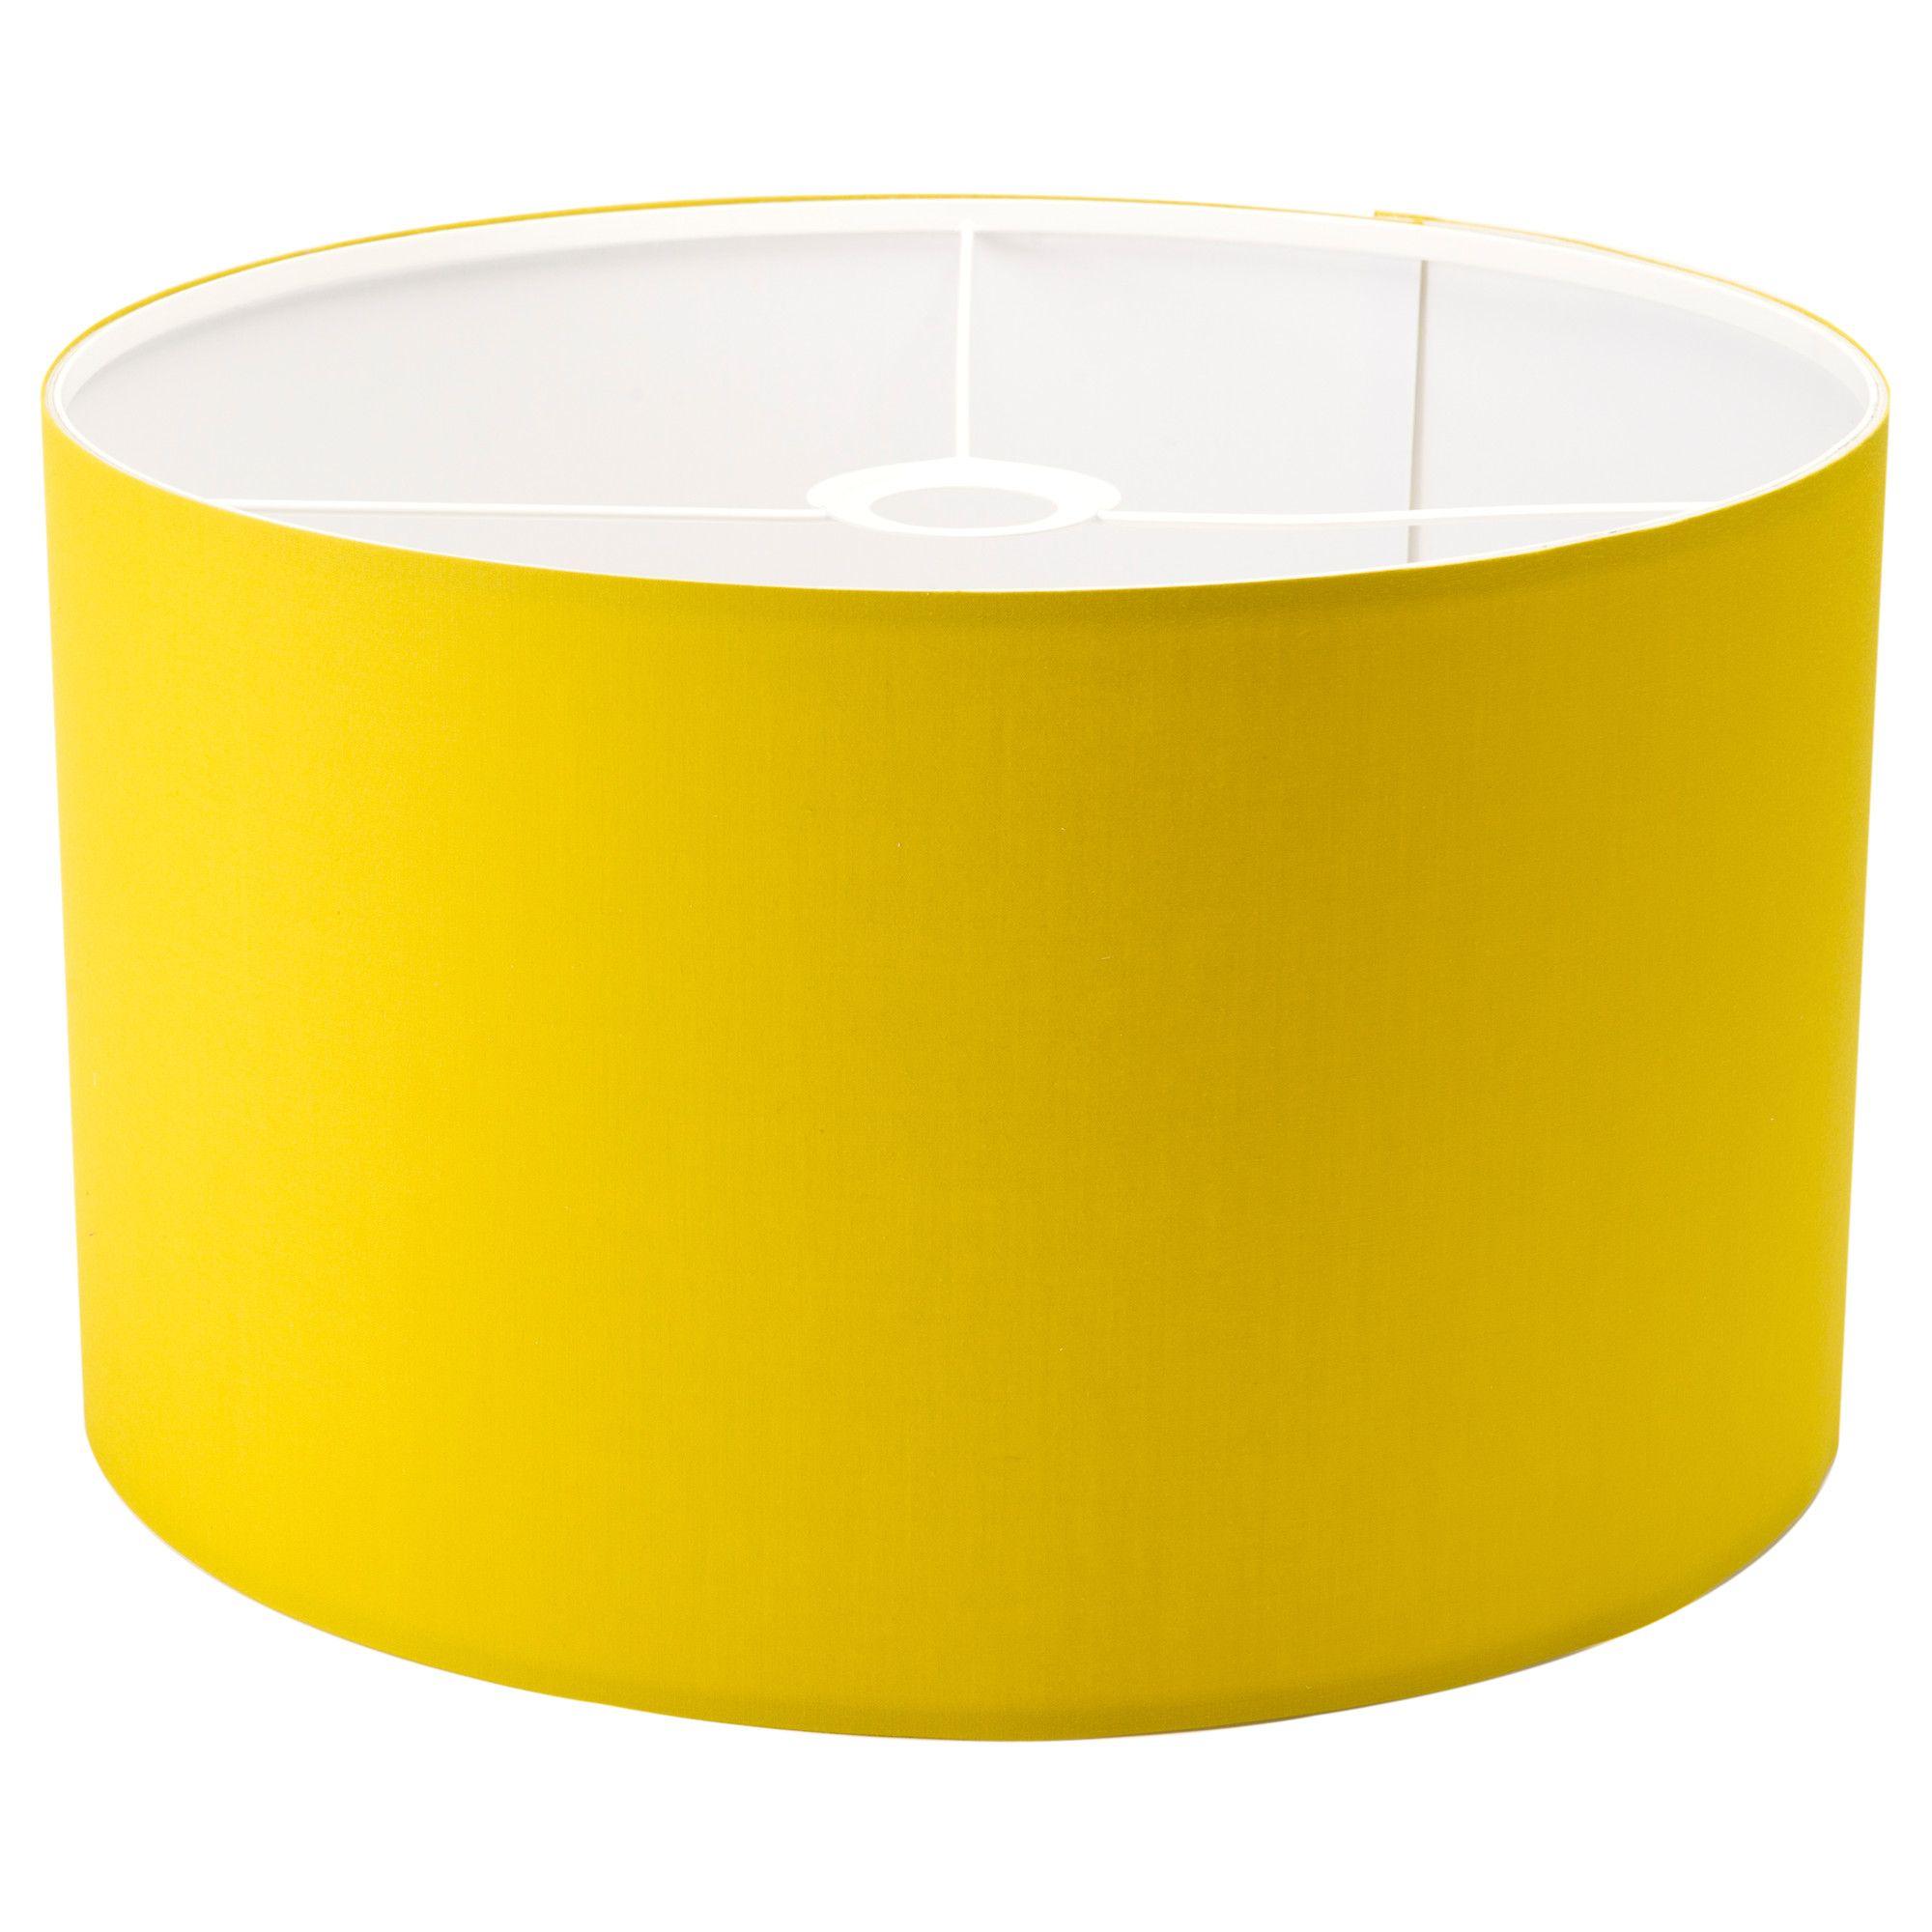 Rismon shade yellow greenwhite ikea house pinterest rismon shade yellow greenwhite ikea floor lamp mozeypictures Choice Image